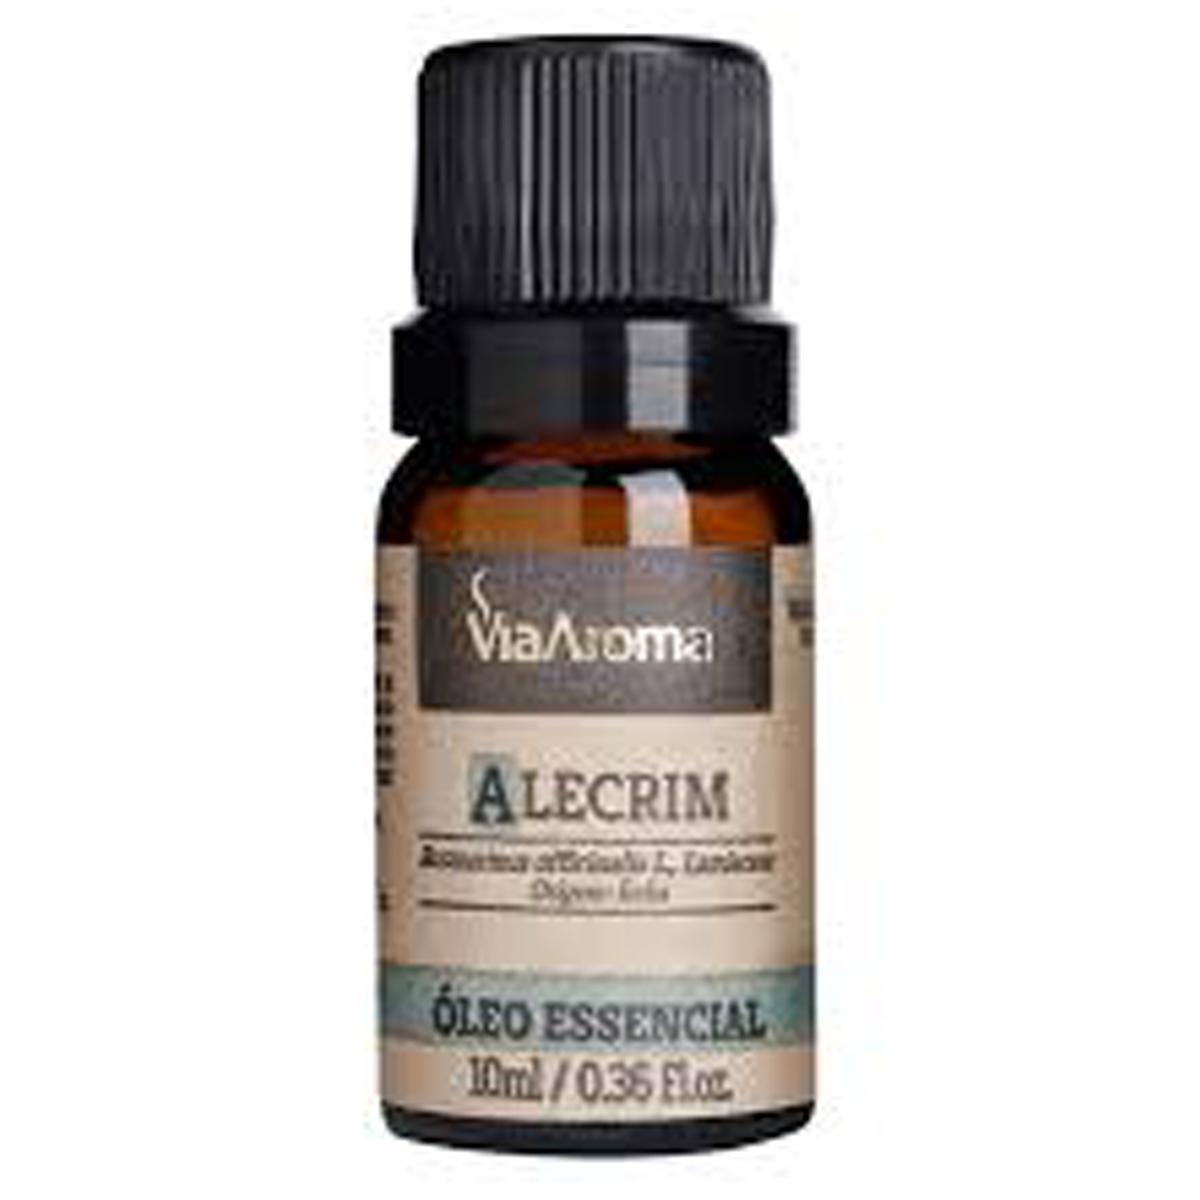 Como usar o Óleo Essencial de Alecrim QT Cânfora - Via Aroma